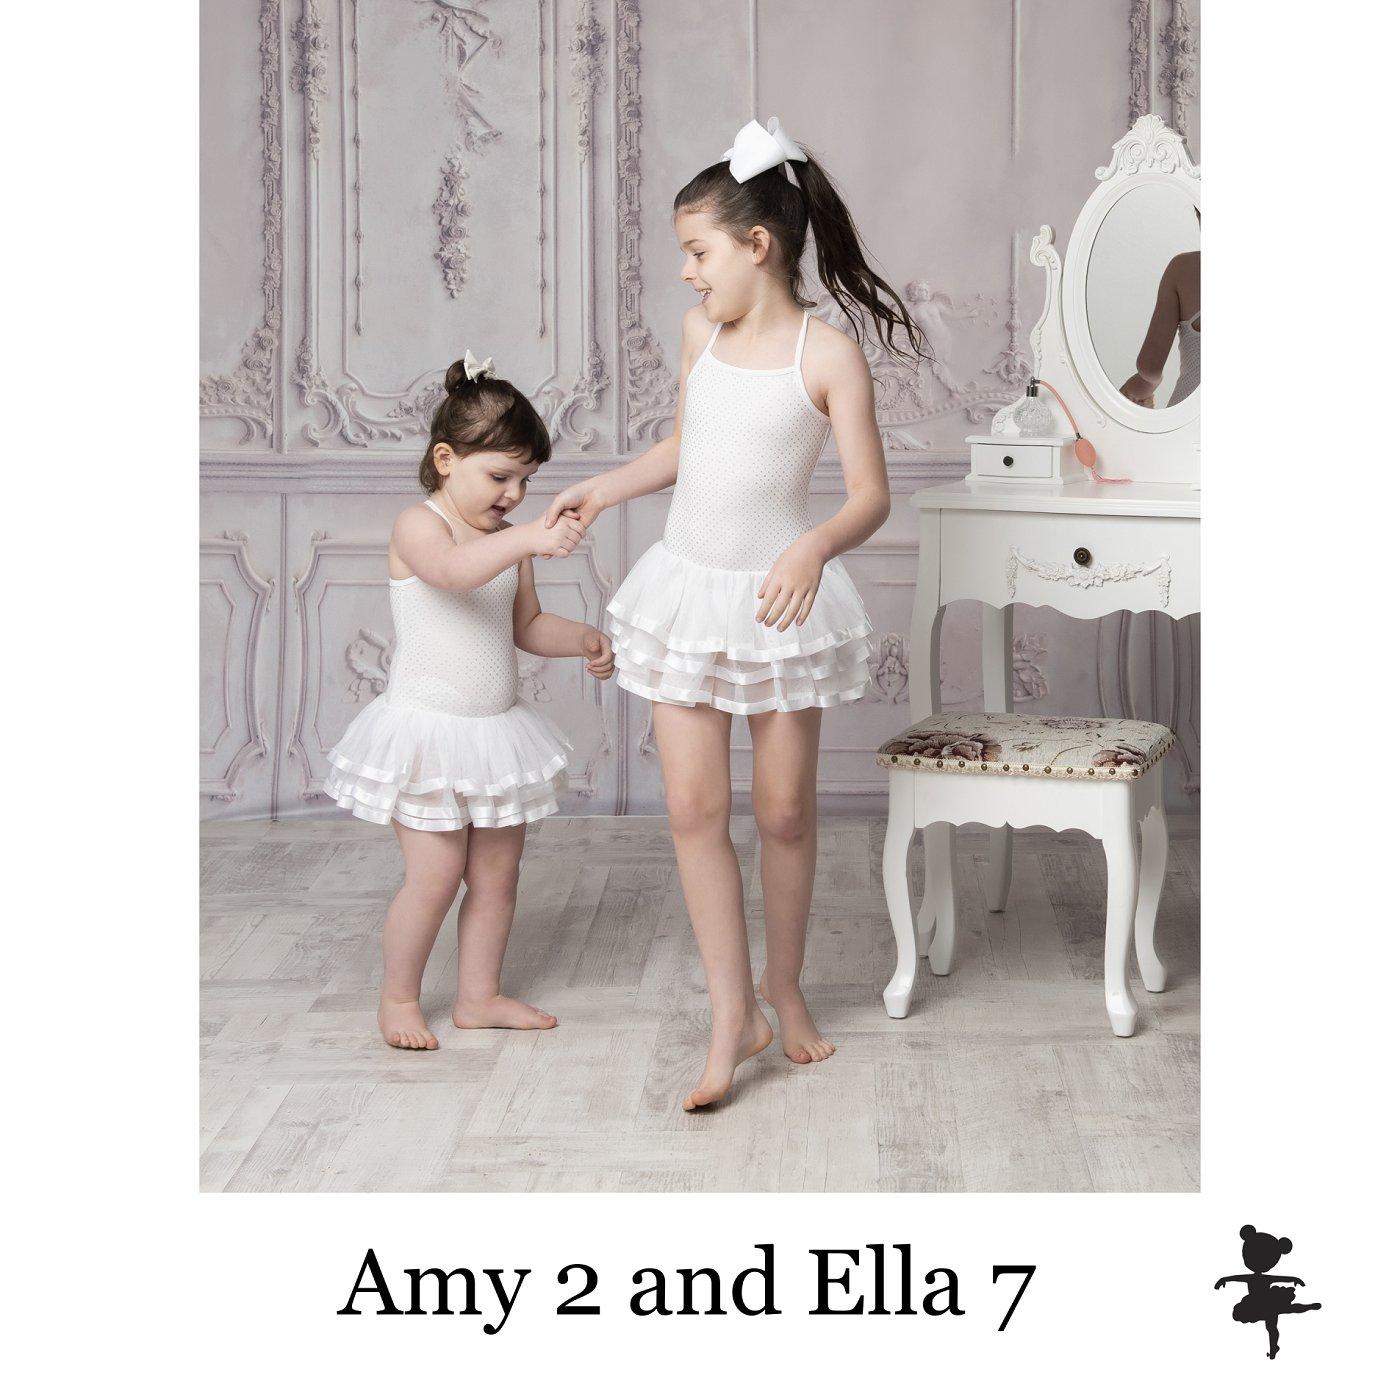 LB13019- Amy 2 and Ella 7.jpg